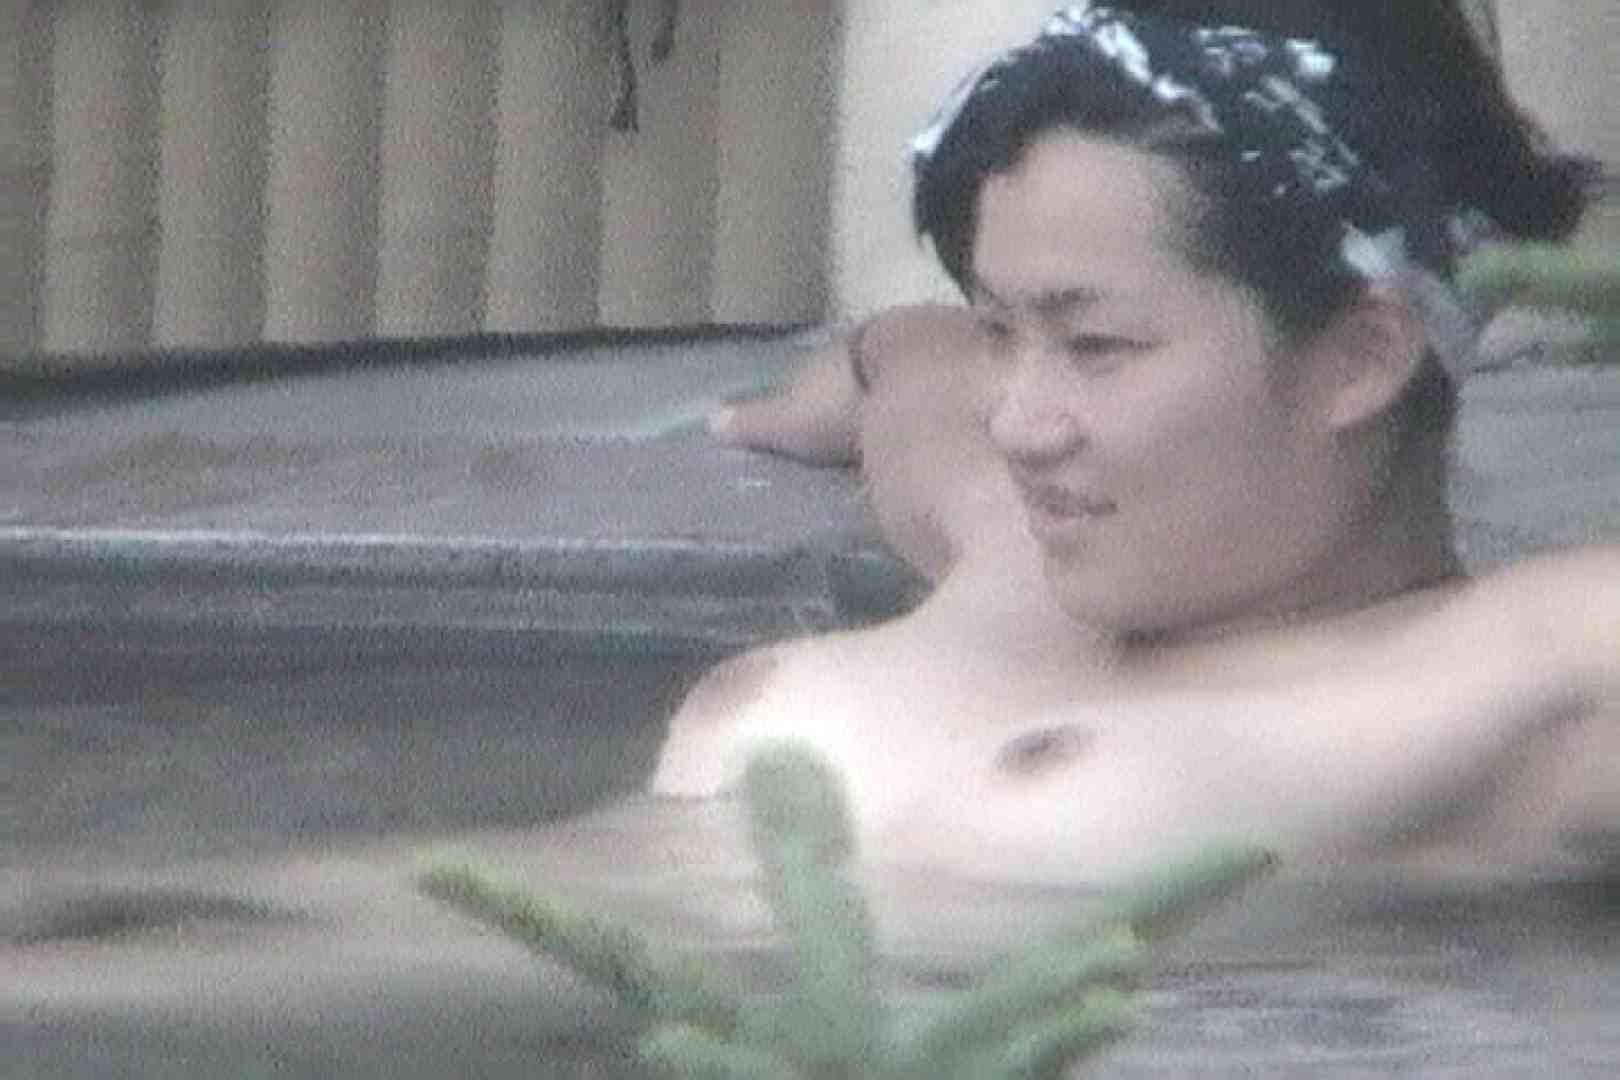 Aquaな露天風呂Vol.103 美しいOLの裸体  85pic 84